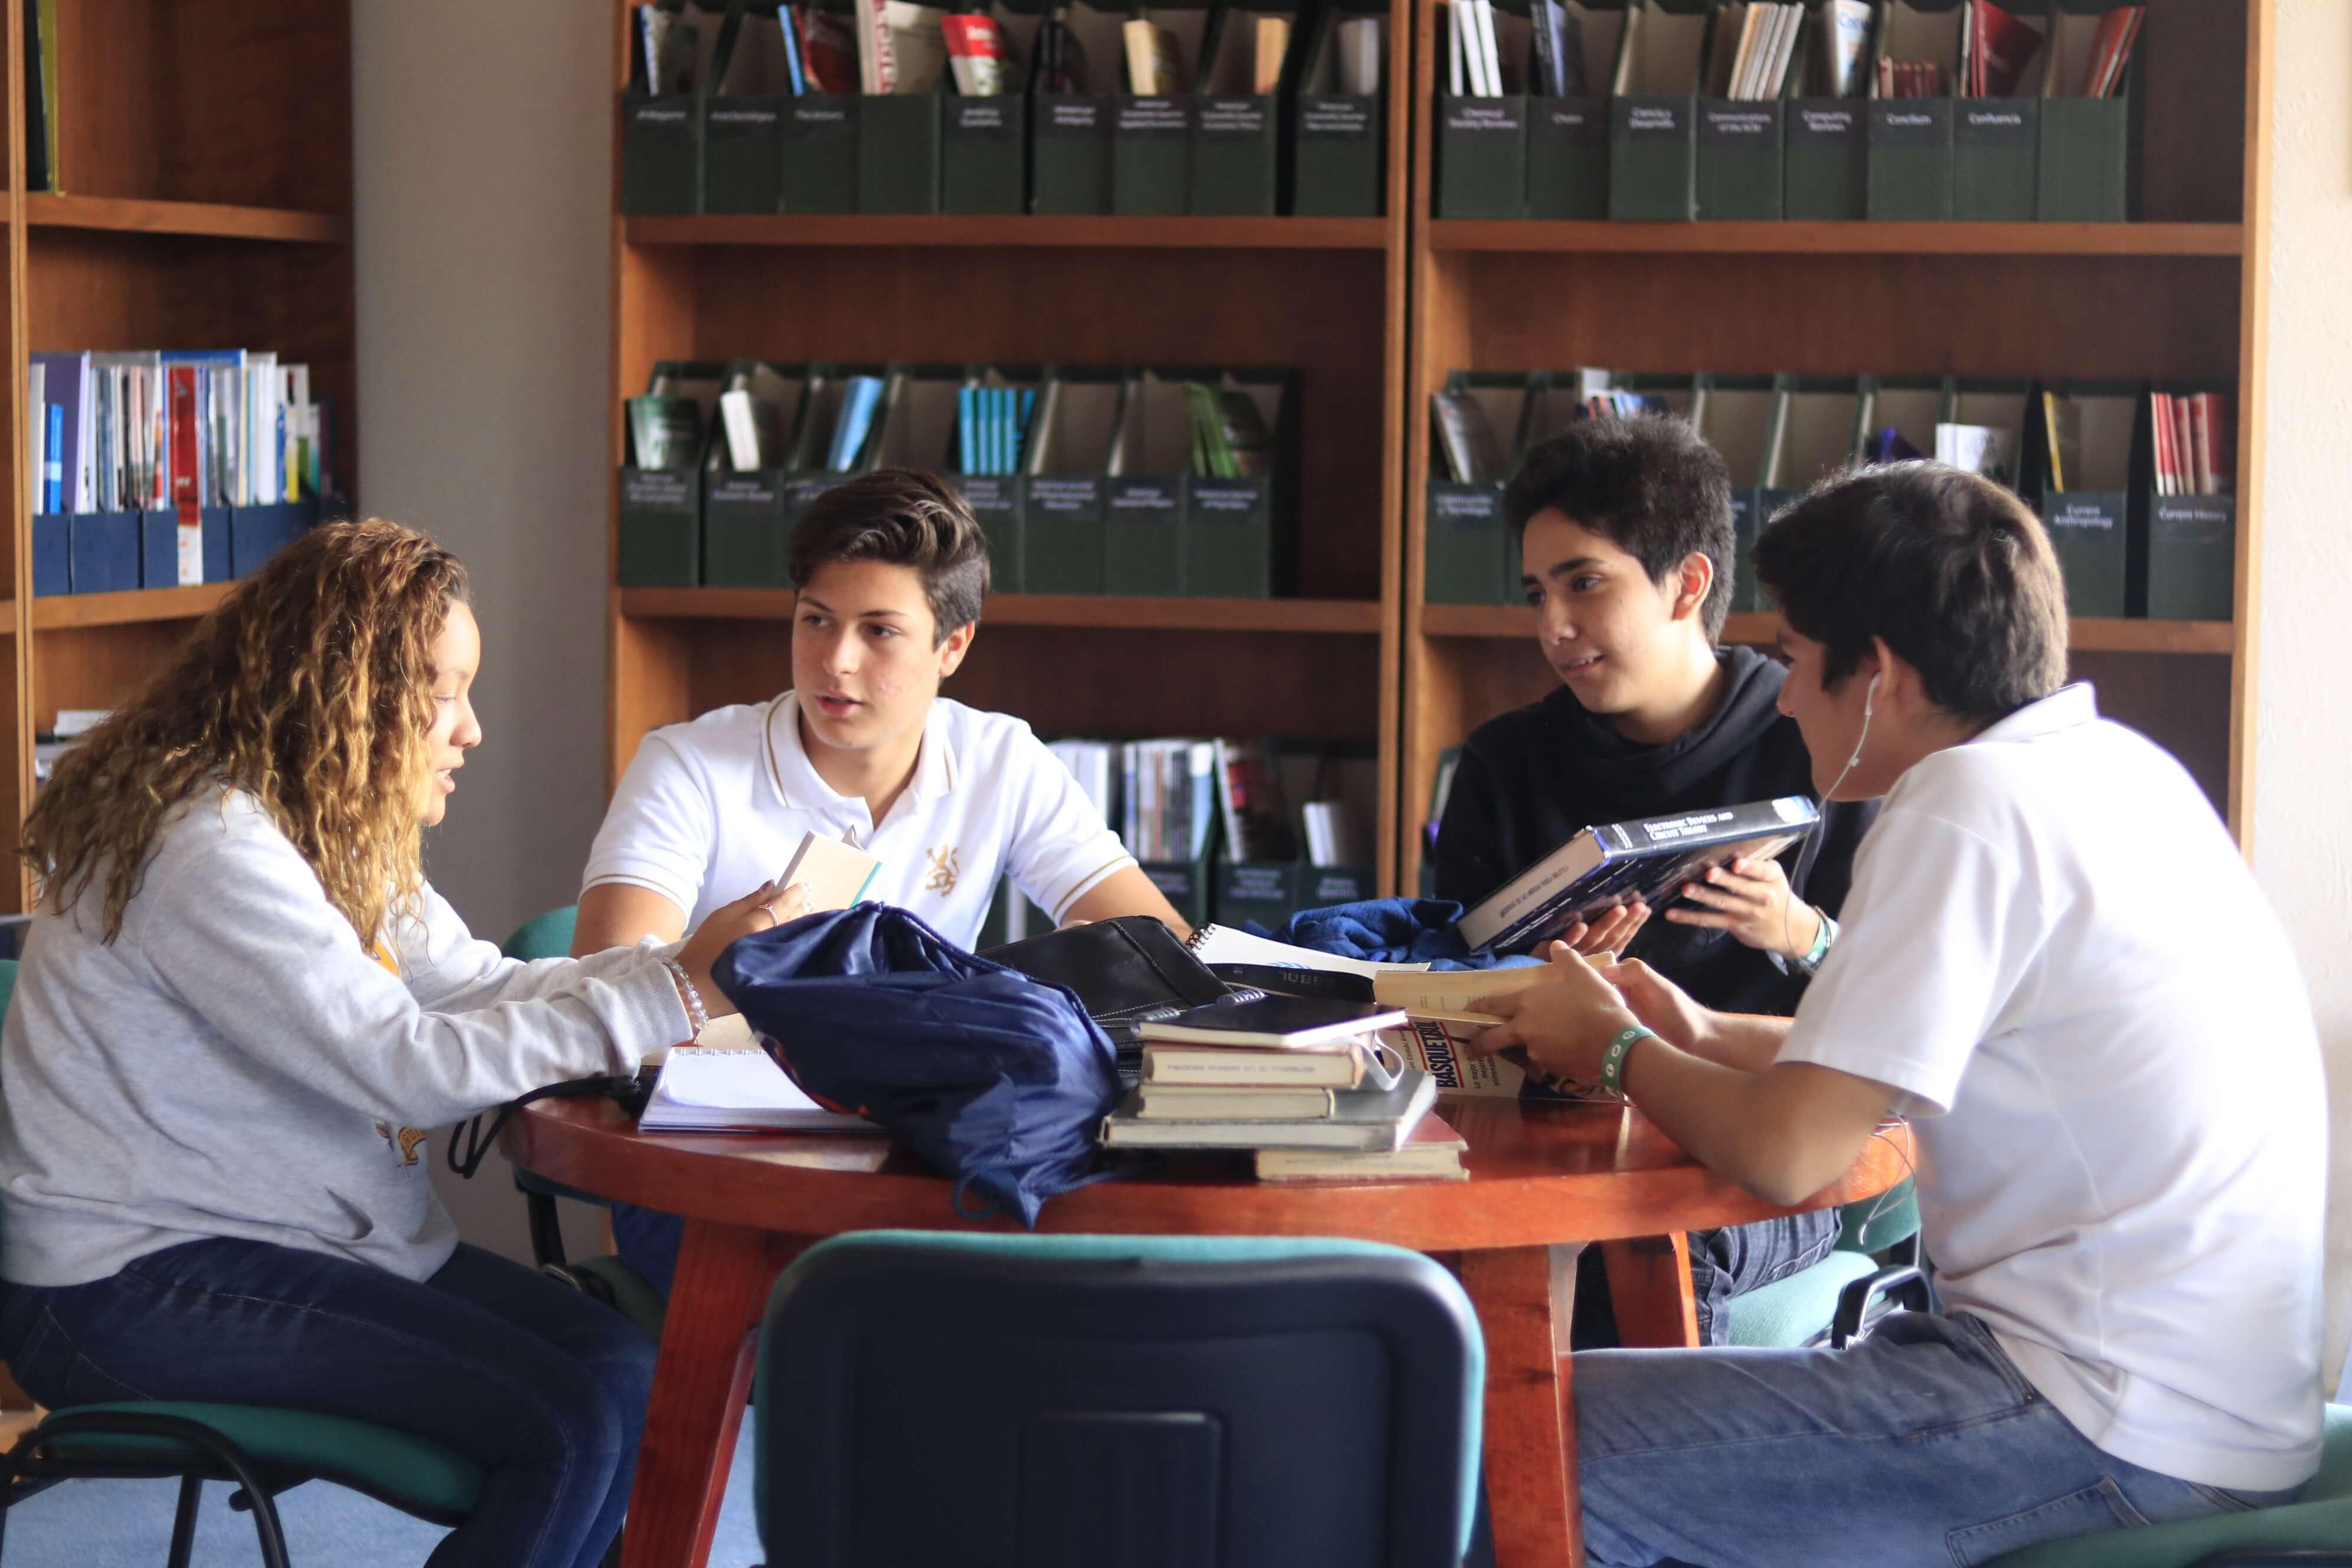 Blog-Imagen-por-que-estudiar-prepa-colegio-williams-cuernavaca-habilidades-socioemocionales-Colegio-Williams-de-Cuernavaca-Ago20